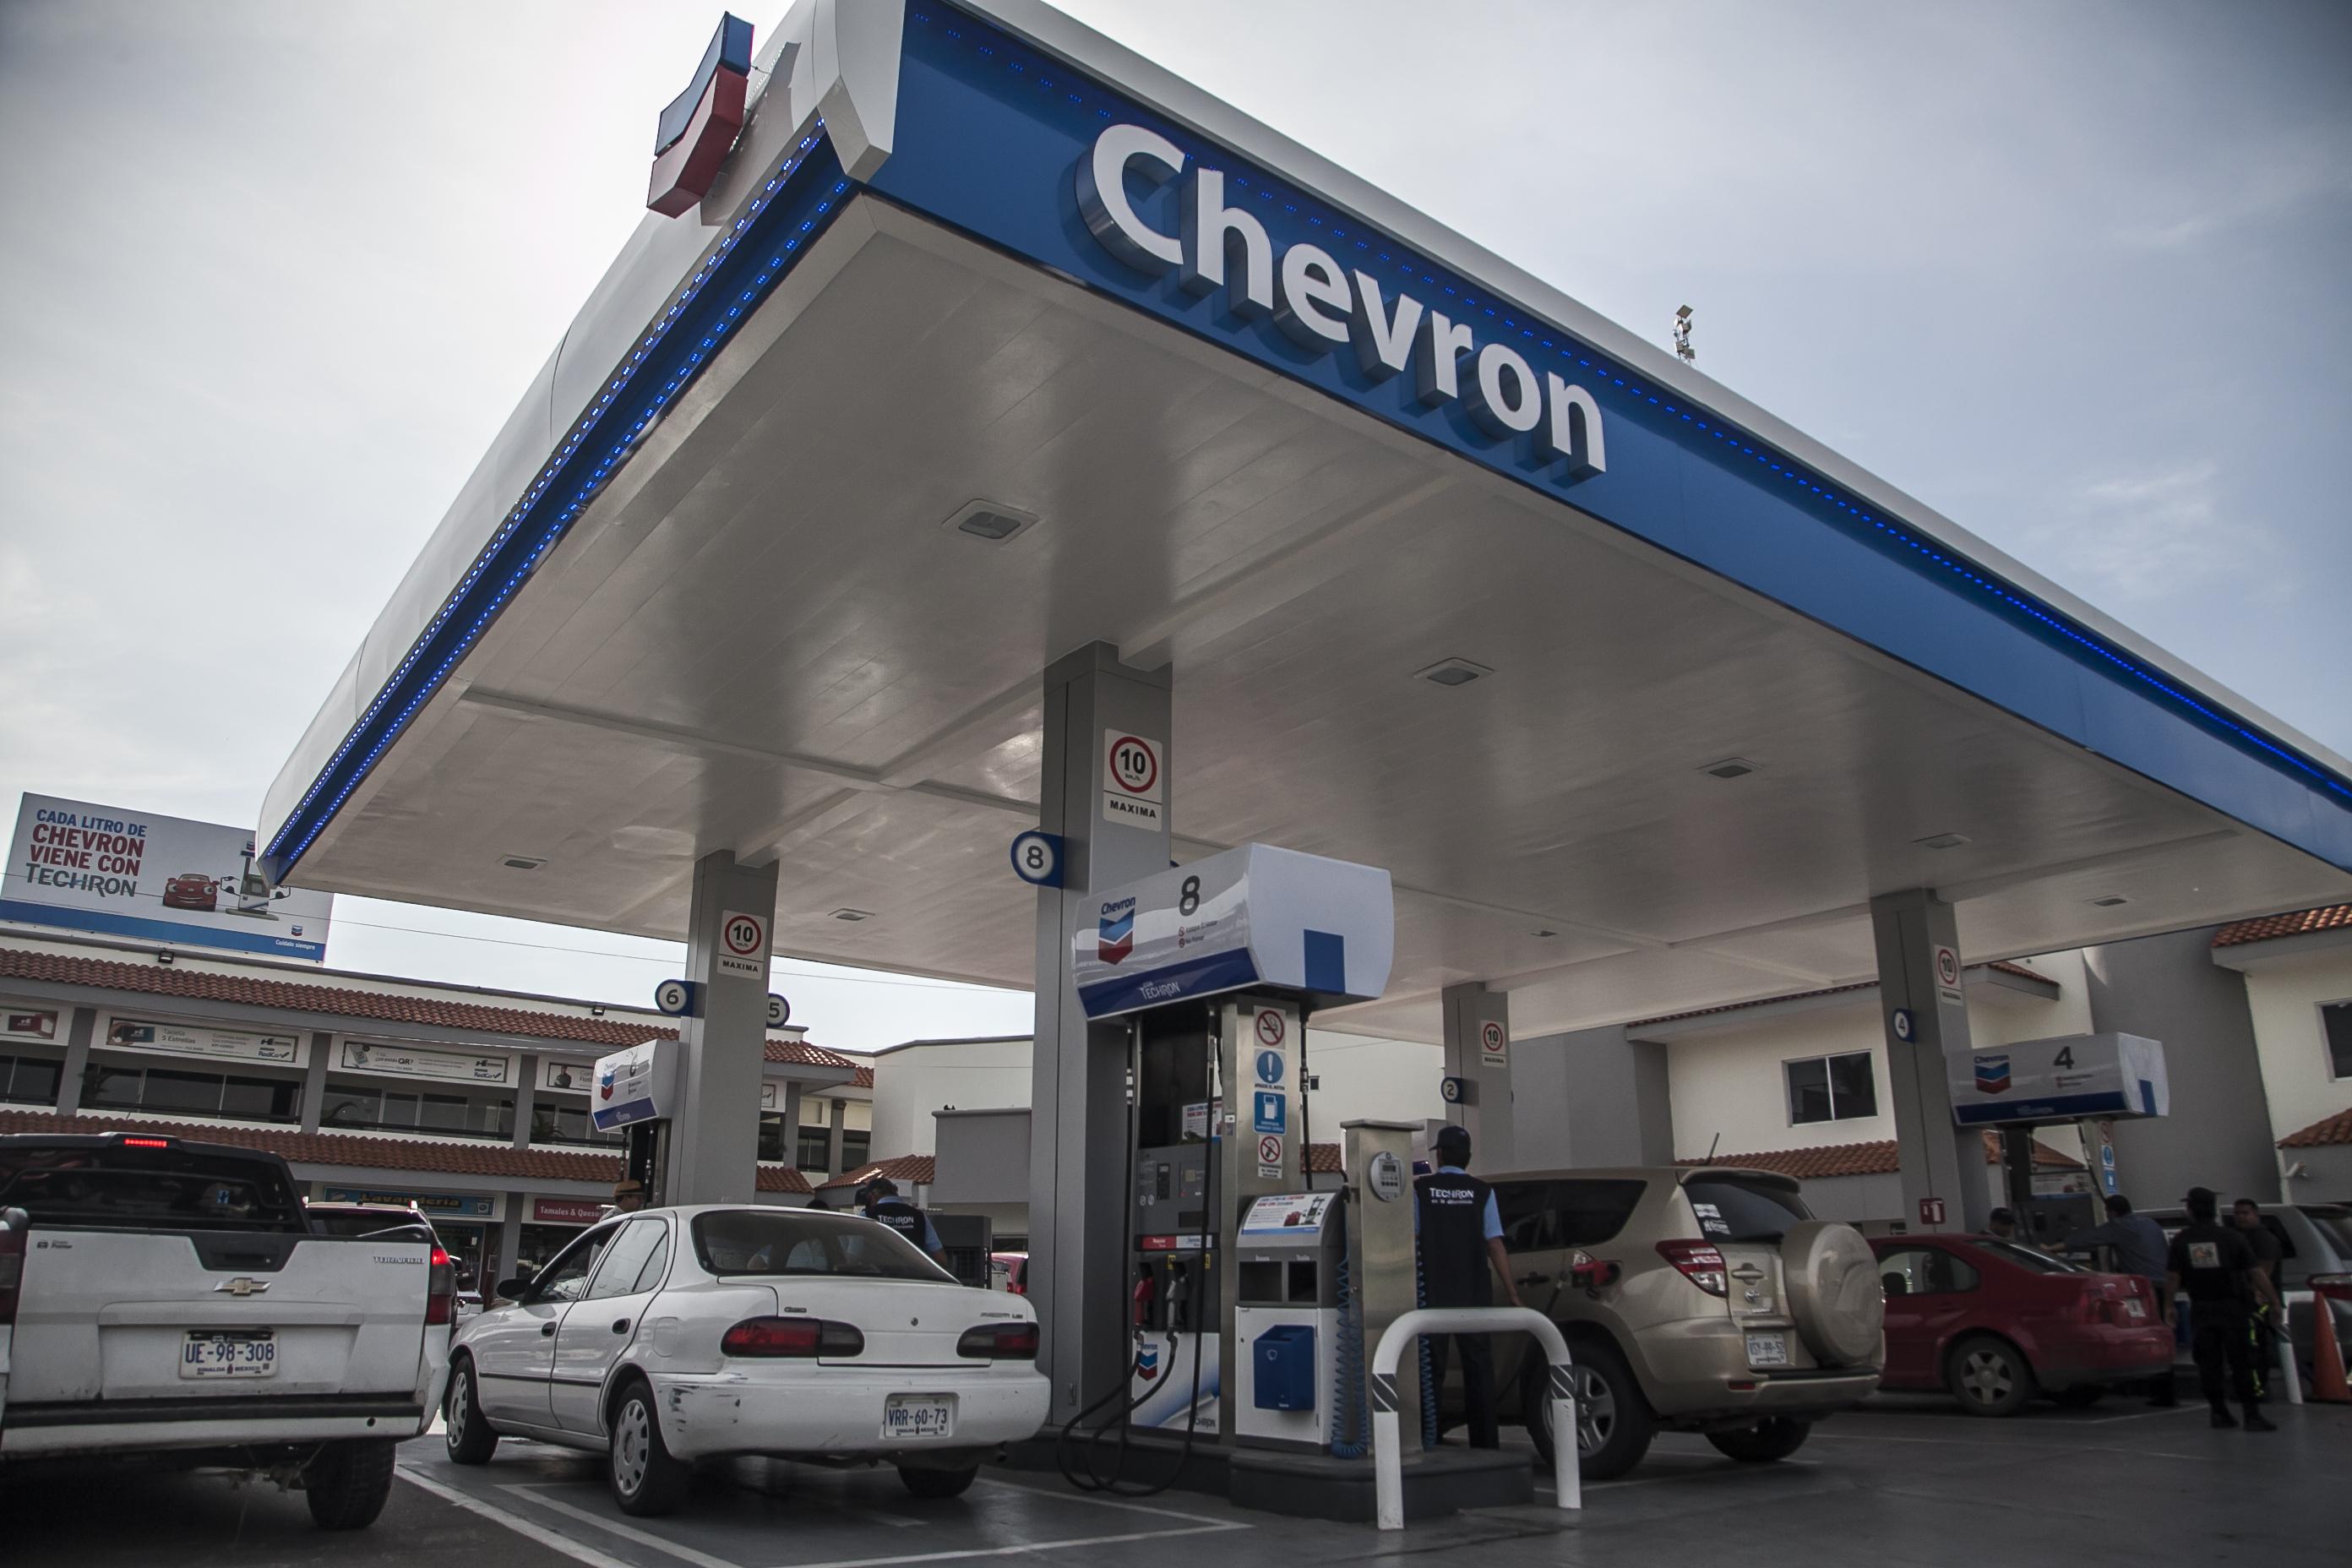 AMLO expuso las estaciones de servicio, de gasolina, más caras y baratas del país (FOTO: RASHIDE FRIAS /CUARTOSCURO)